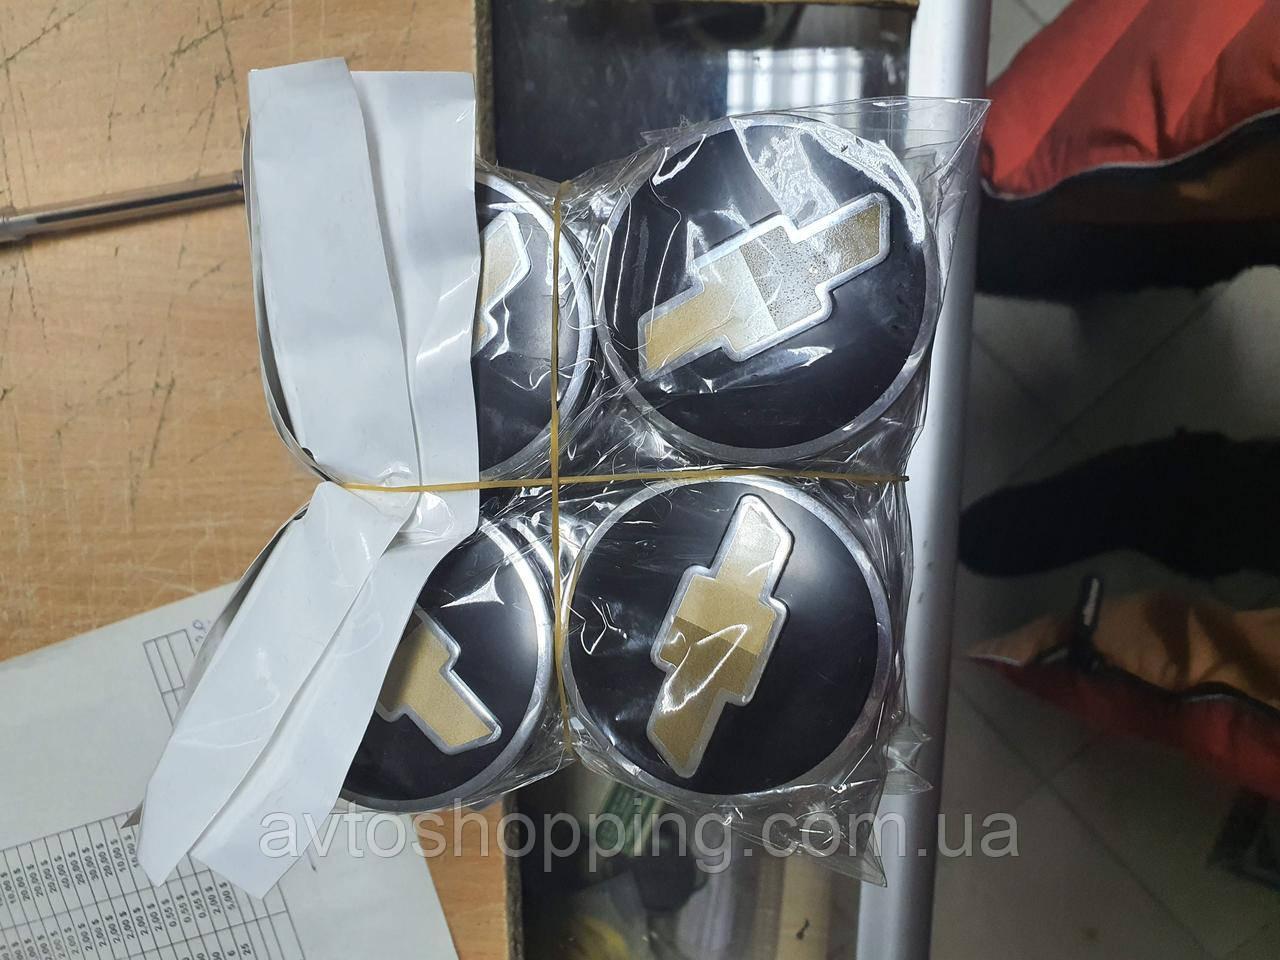 Колпачки, заглушки на диски Шевроле Chevrolet  60 мм / 56 мм